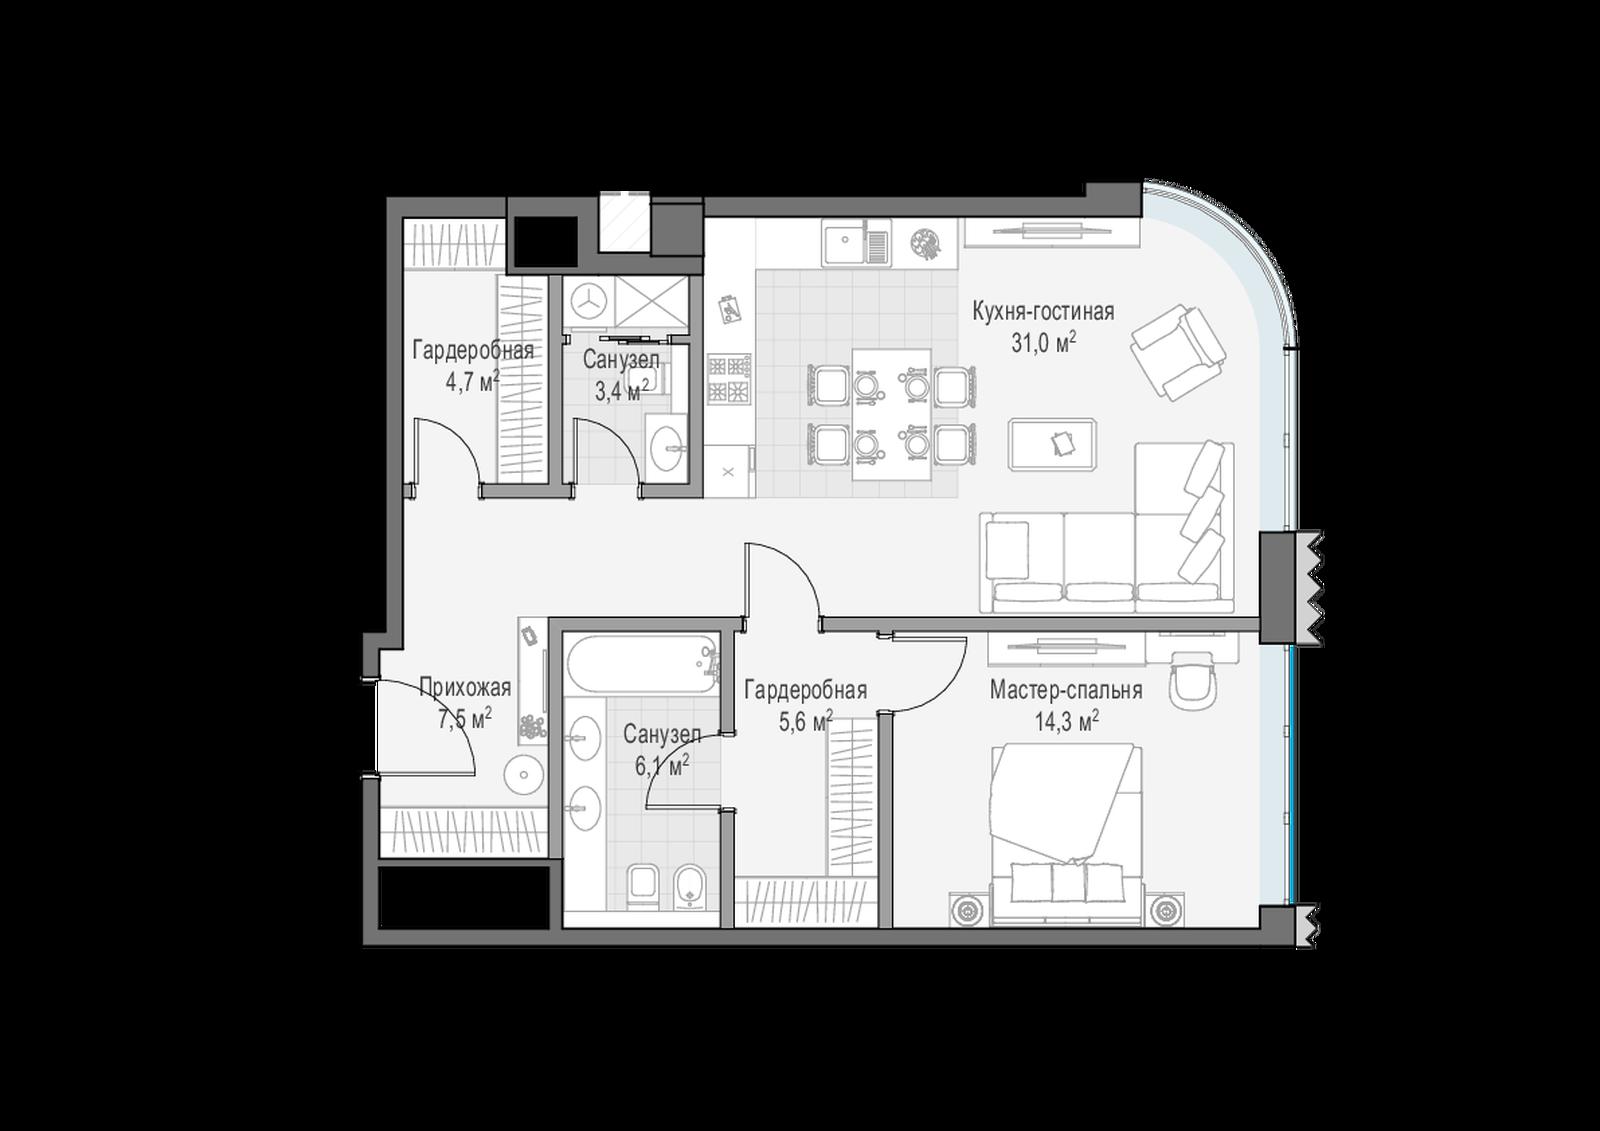 Лаврушинский планировка квартиры